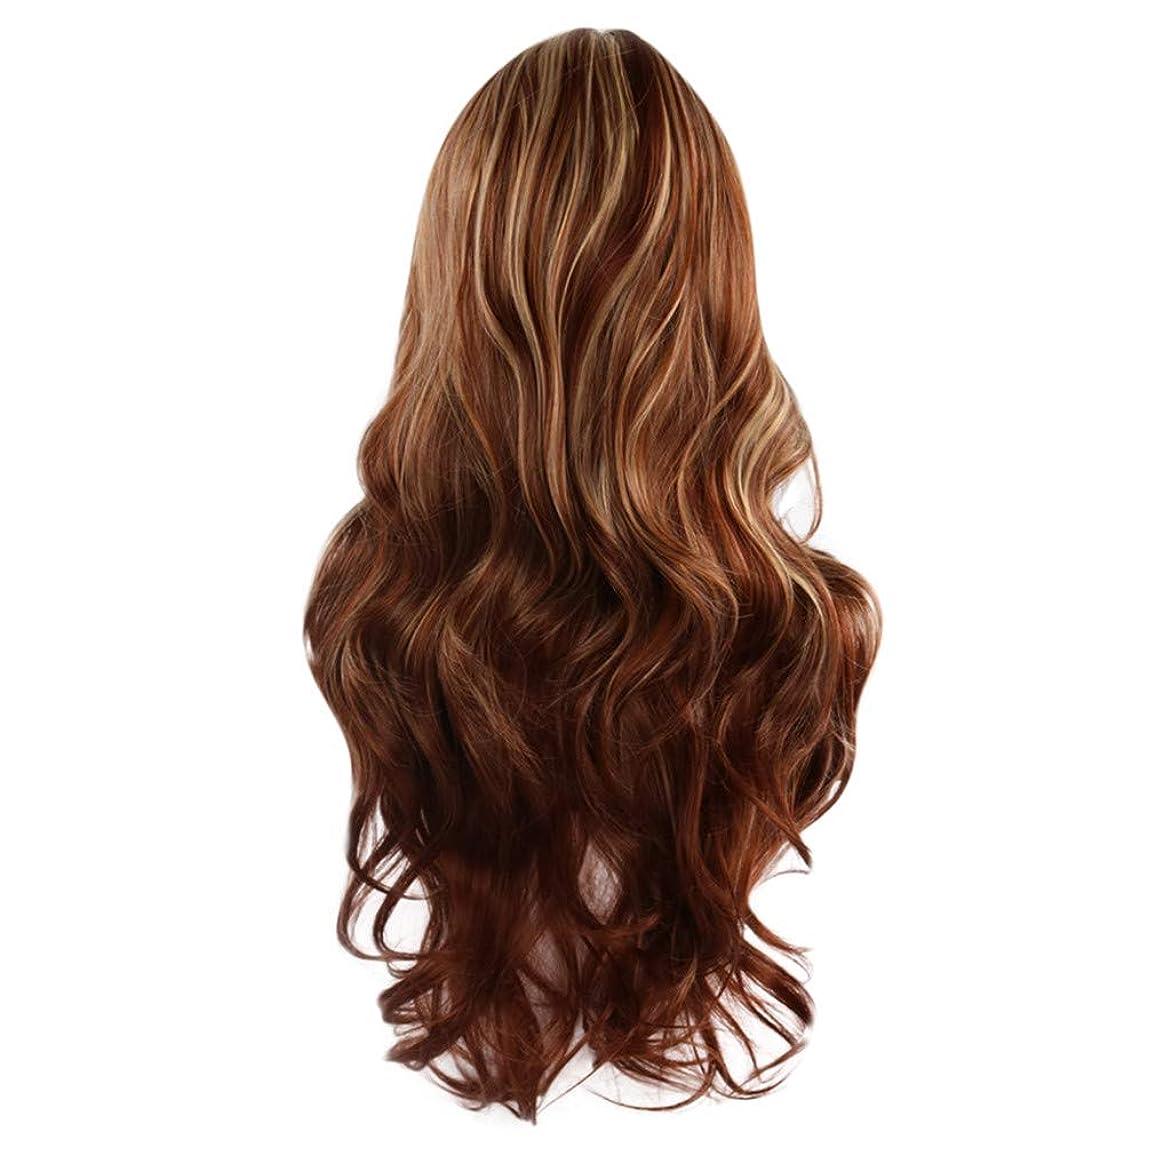 発送幸運組女性の茶色の長いウェーブのかかった巻き毛のかつらフルウィッグローズネット